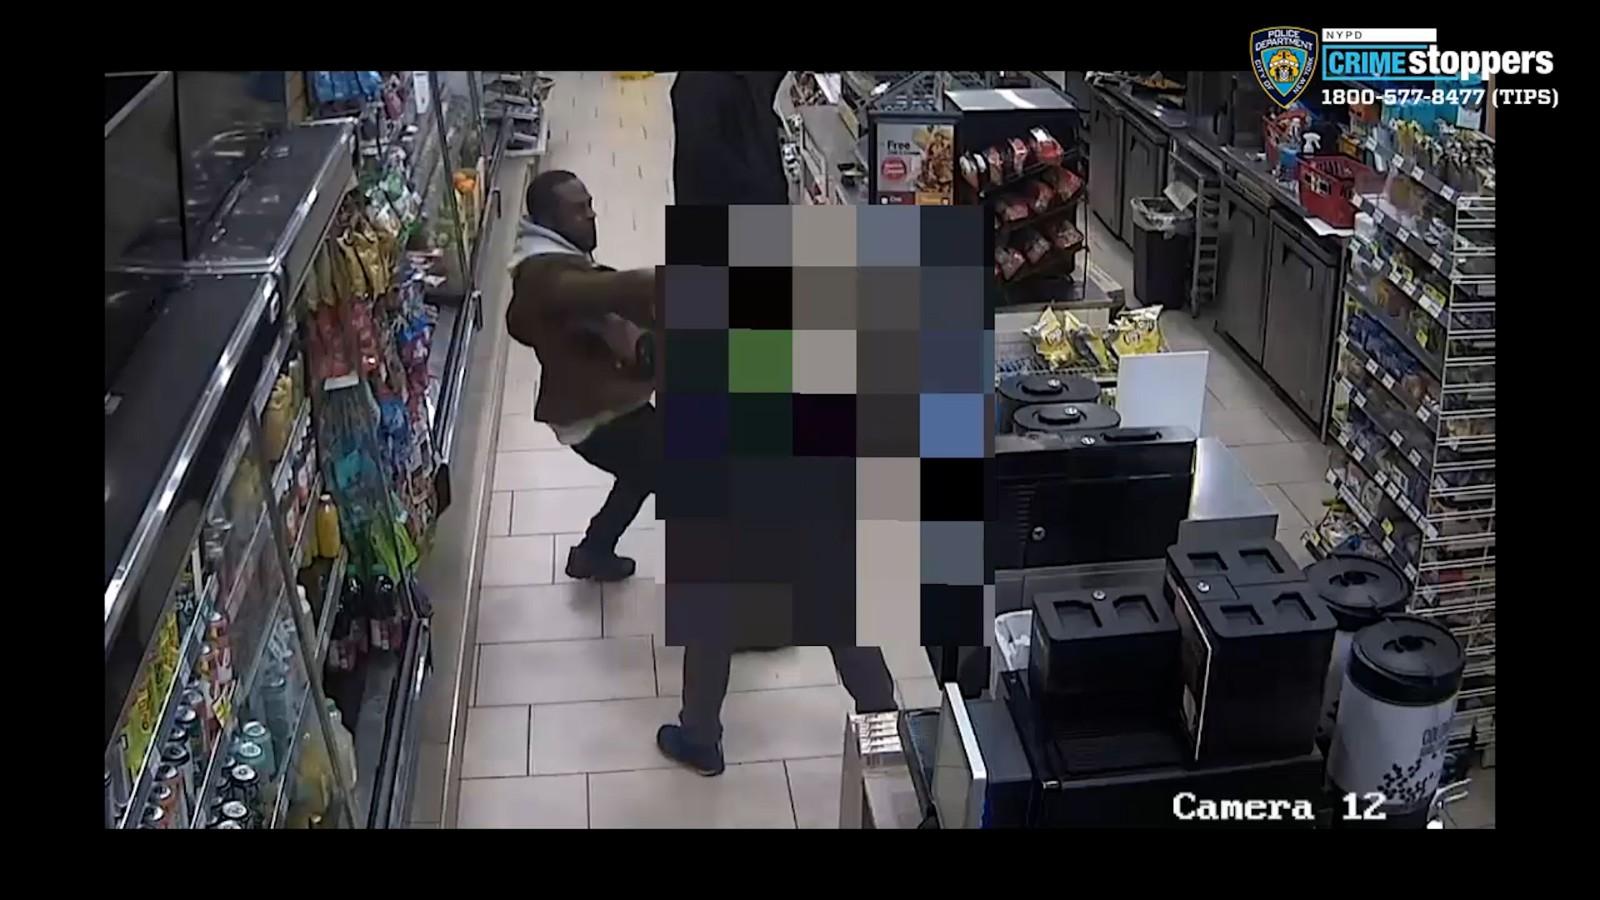 纽约曼哈顿7-11亚裔店员被袭案嫌犯落网 未获仇恨犯罪指控_图1-1